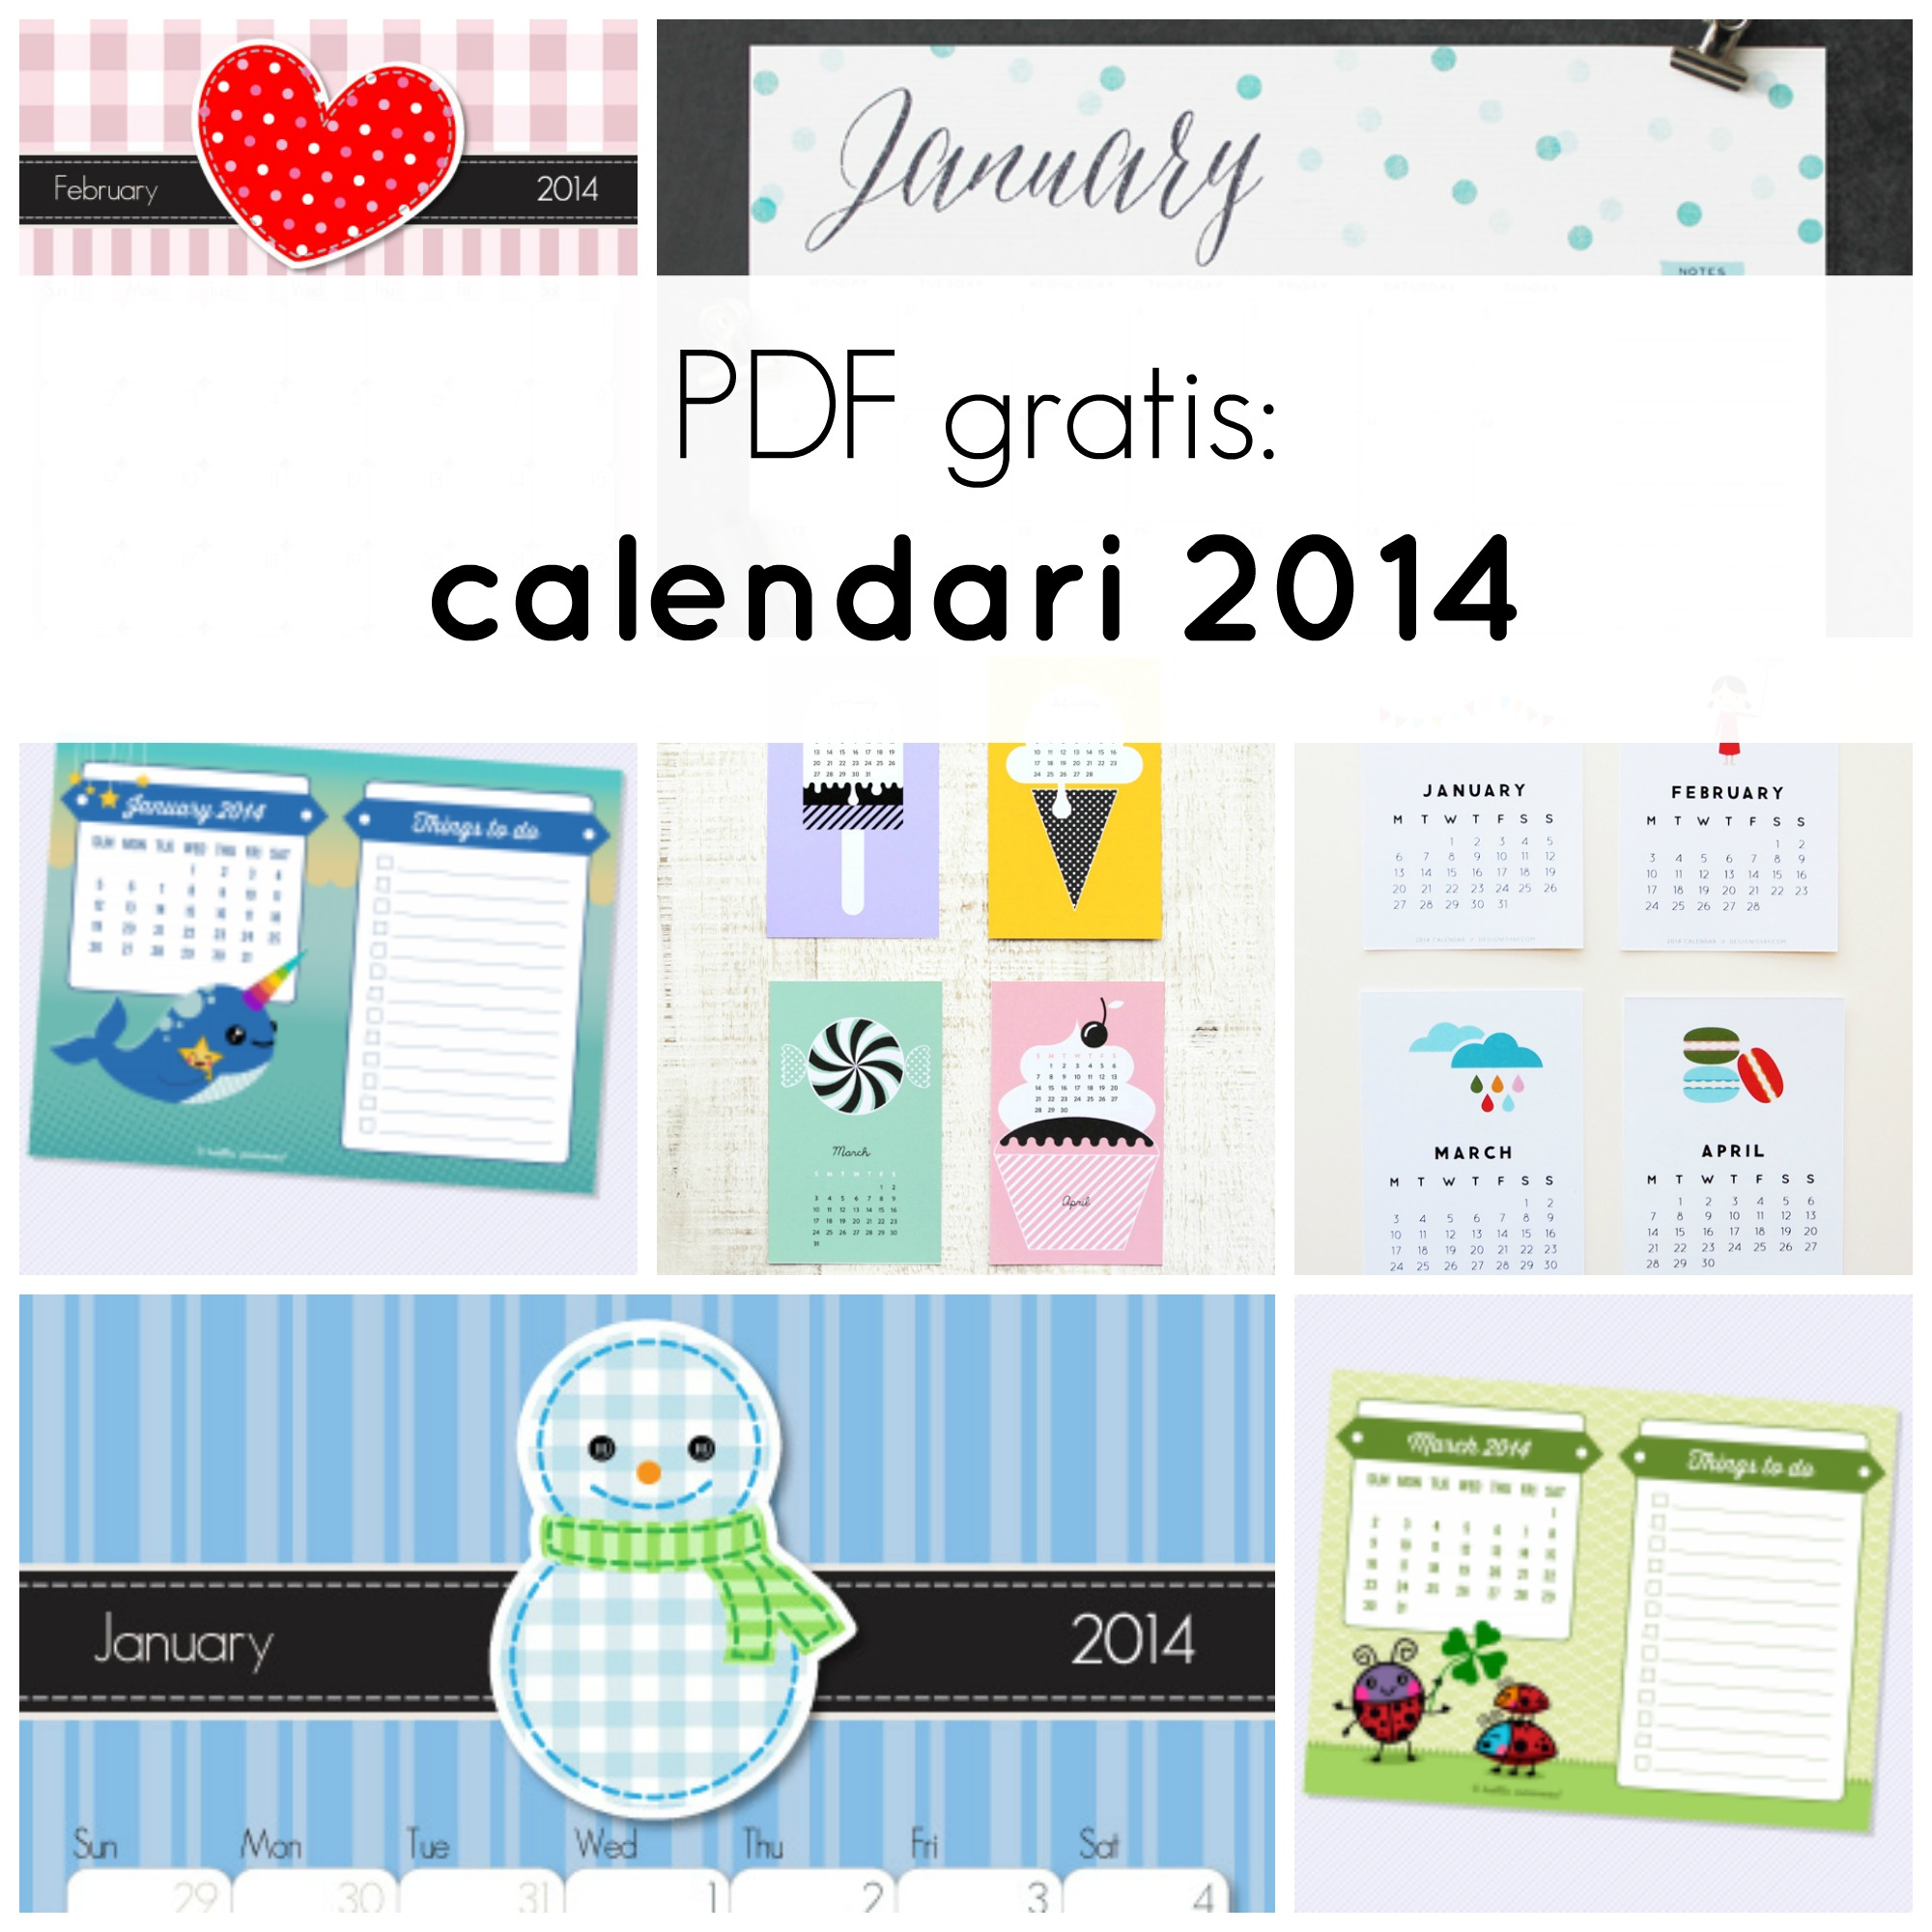 pdf-gratis-calendari-2014